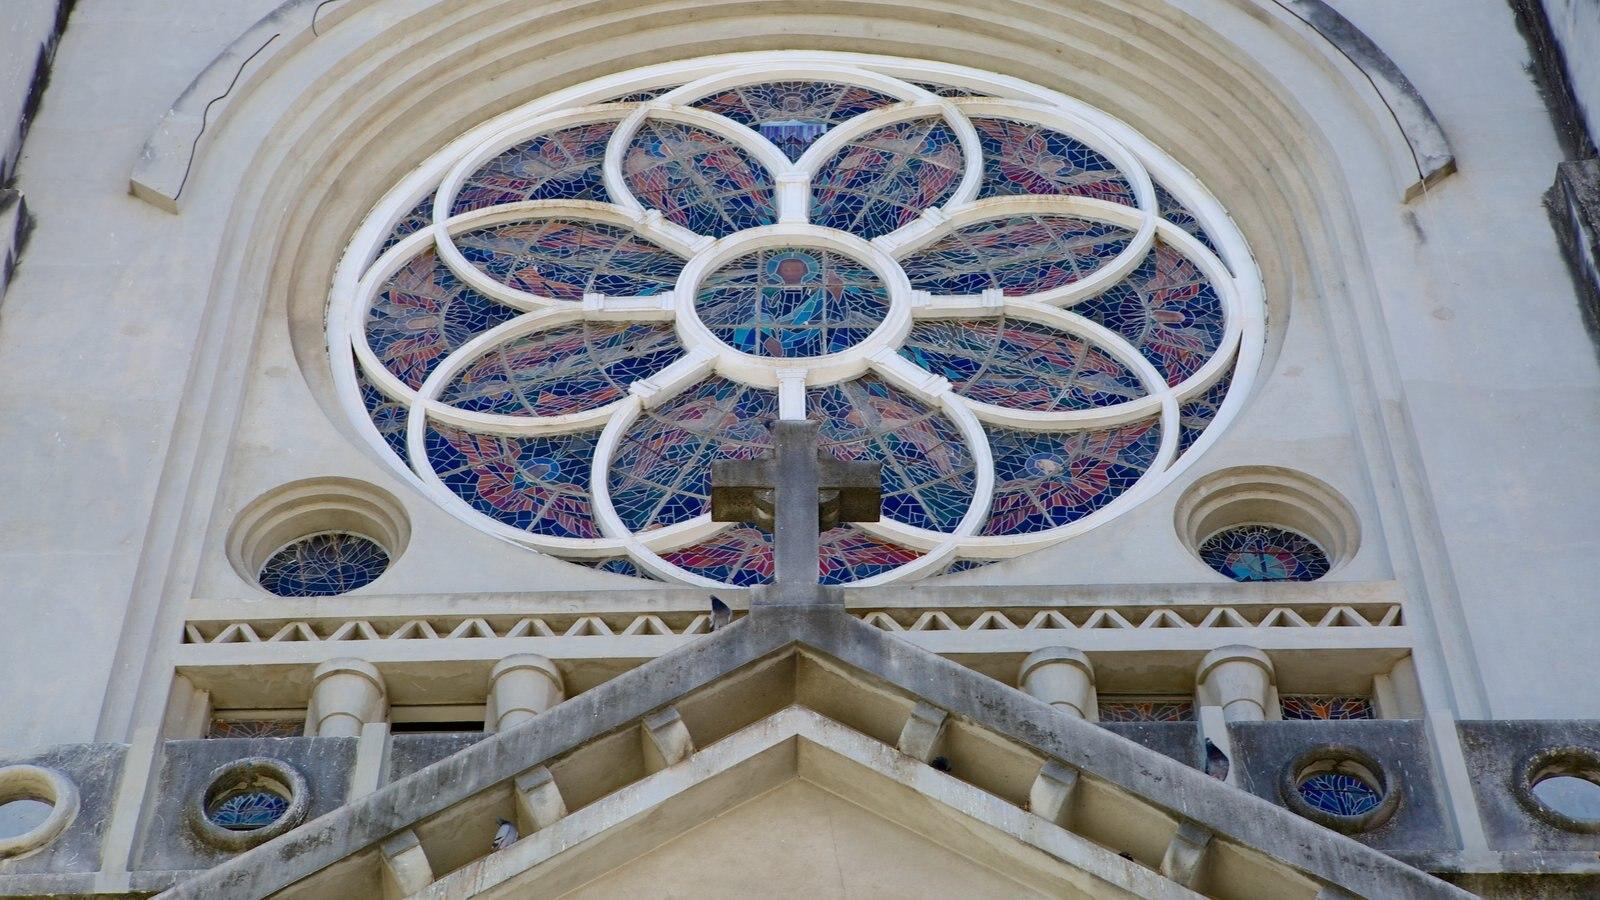 Catedral da Sé caracterizando uma igreja ou catedral, aspectos religiosos e arquitetura de patrimônio